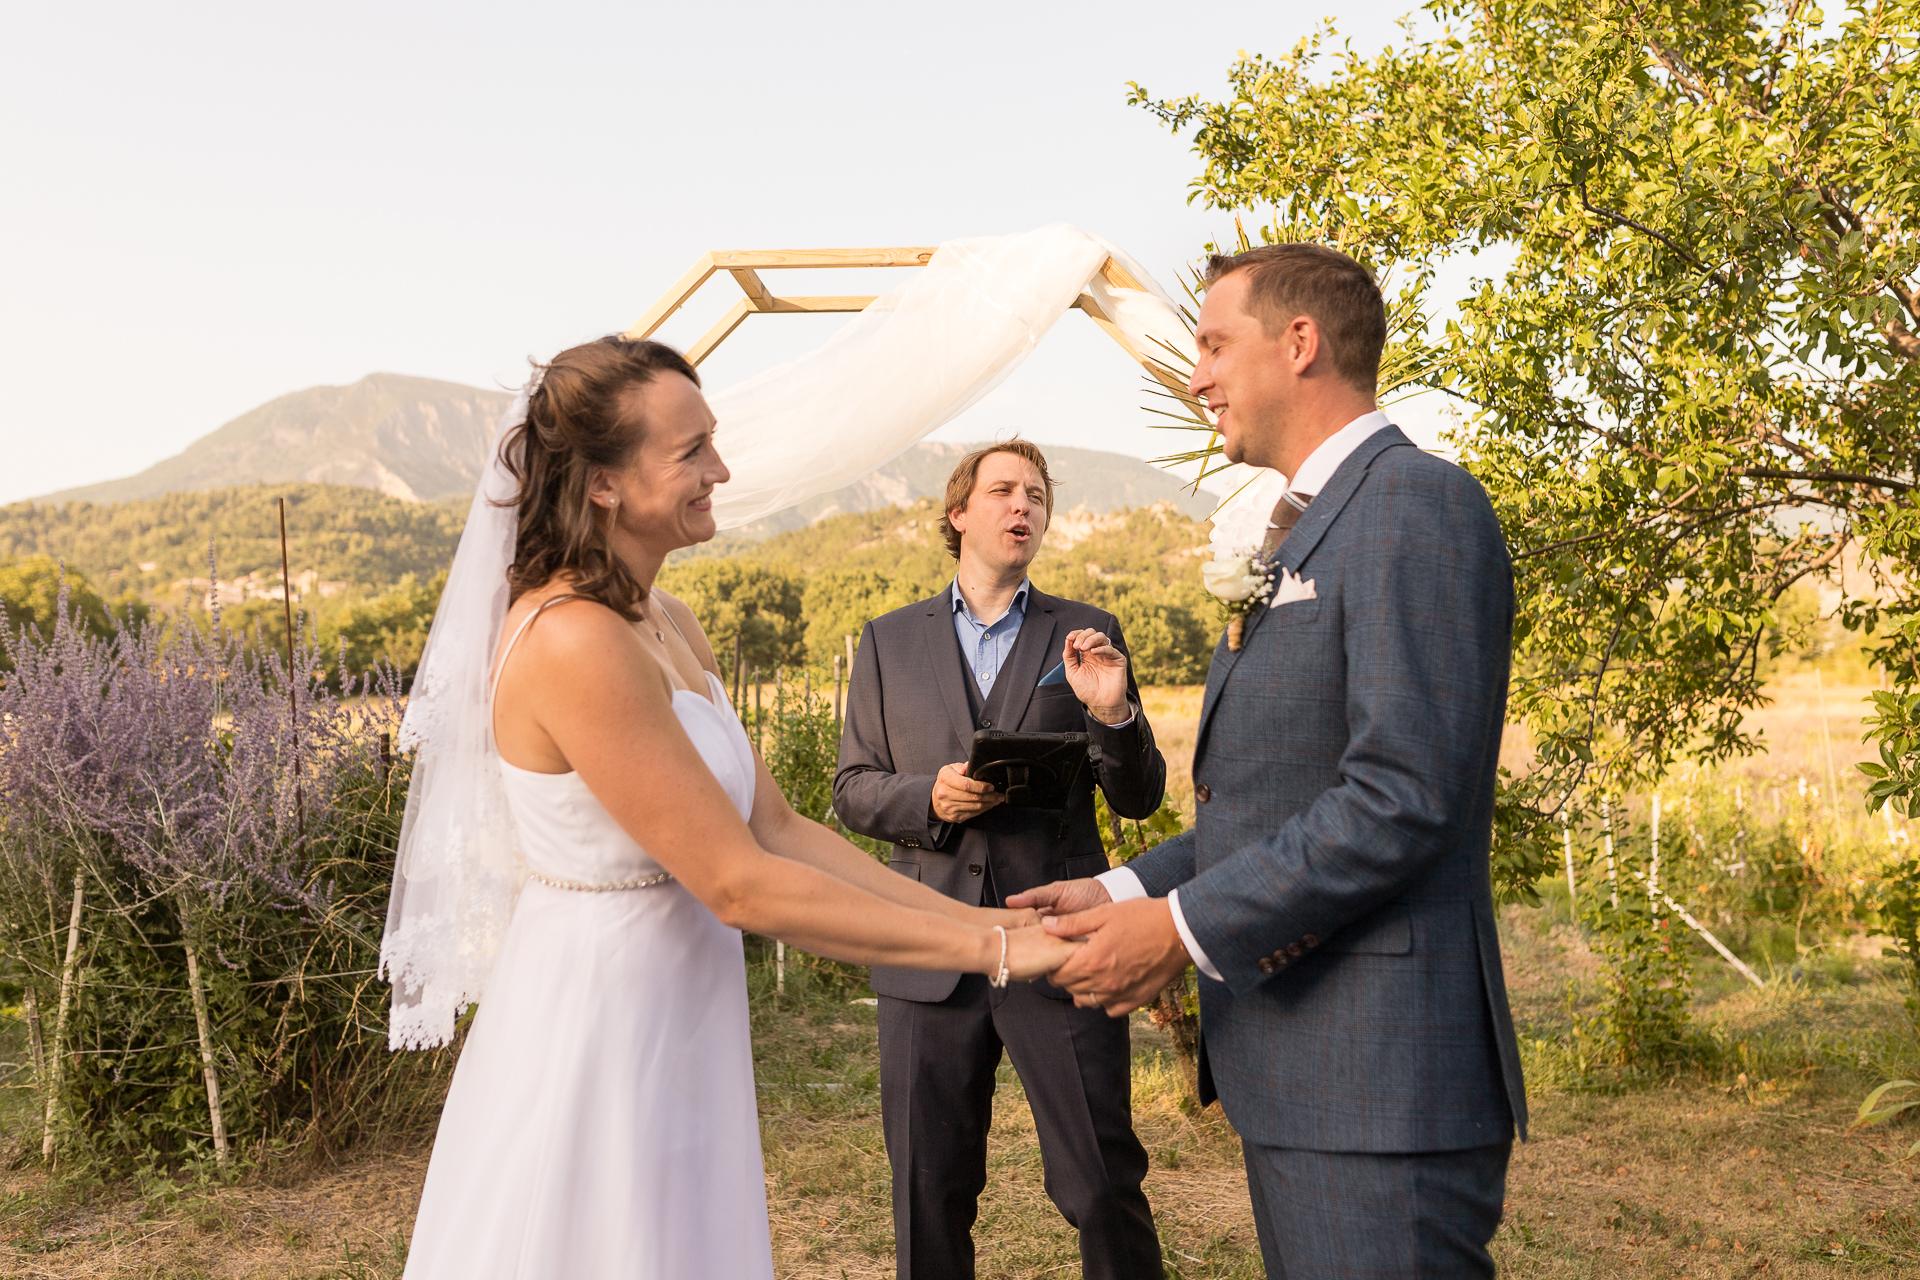 Mézel - Fotografía de la ceremonia de boda de Francia | La pareja se toma de la mano y se miran a los ojos.